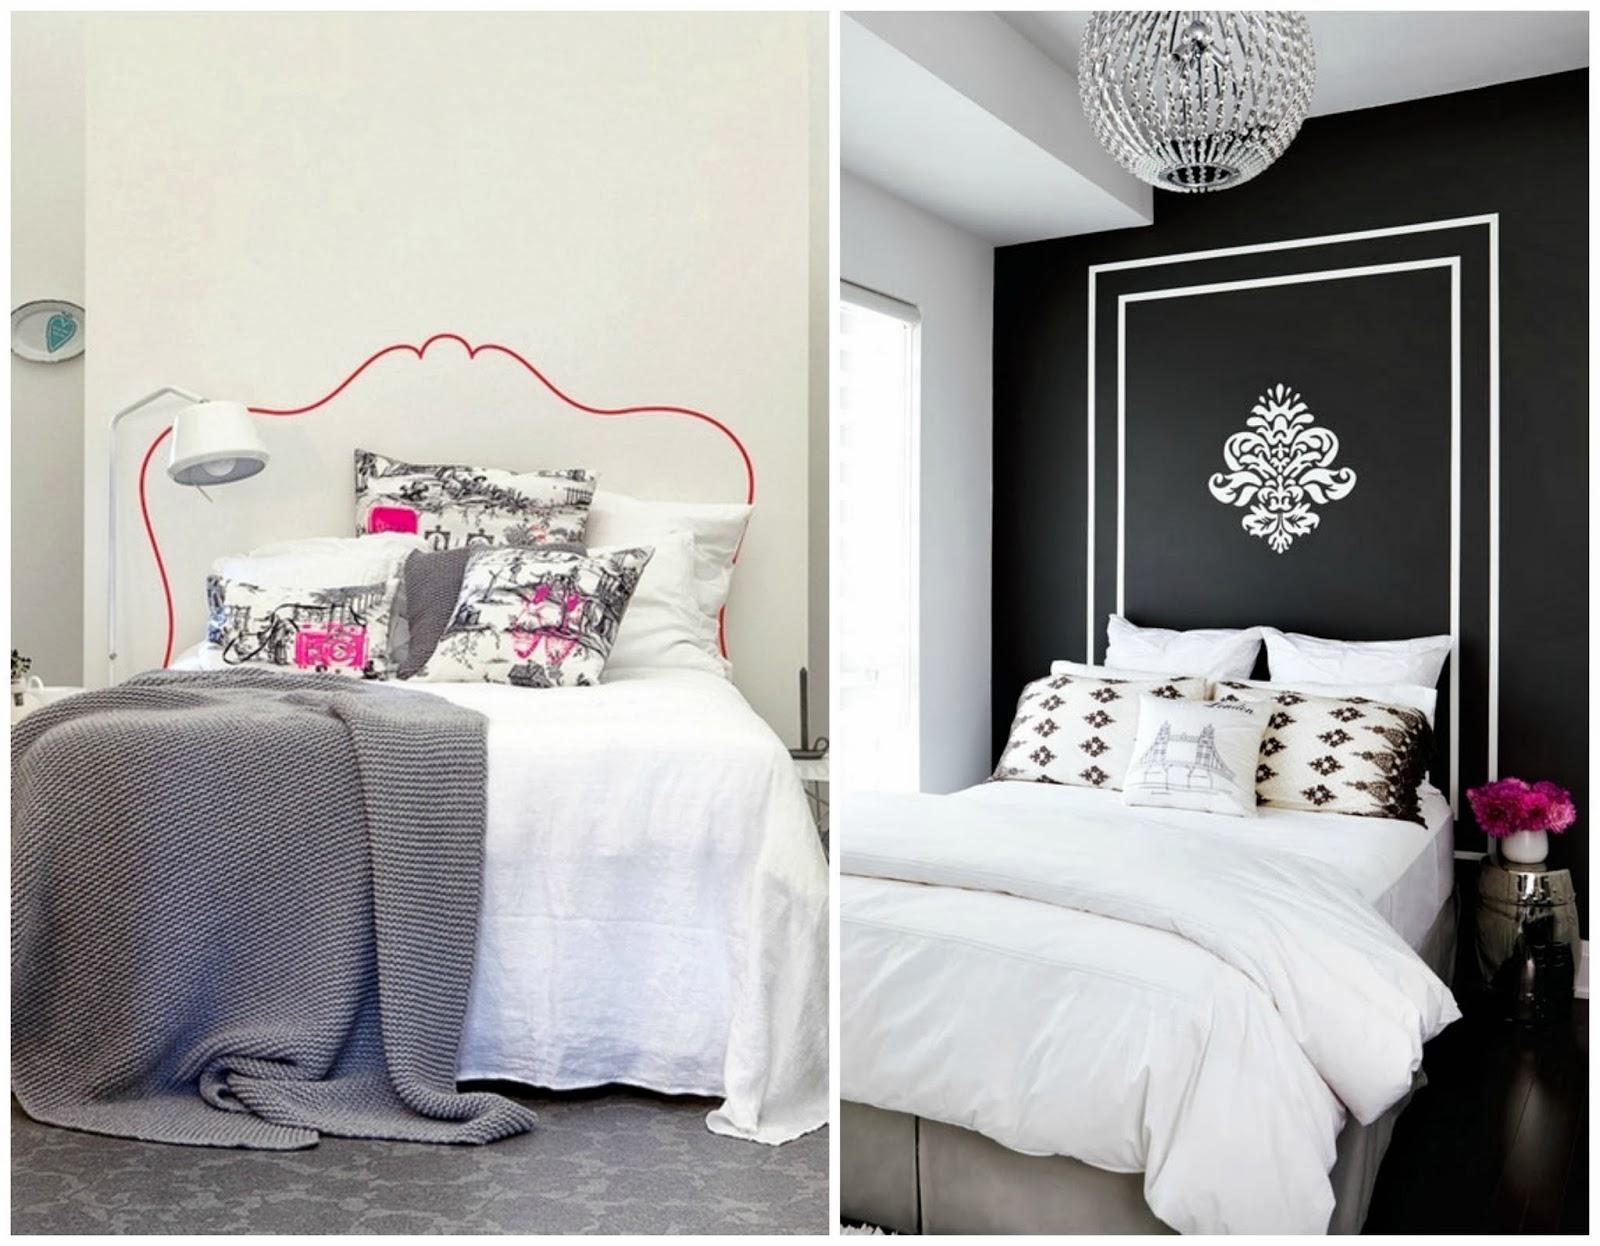 Piensa en chic chic deco cabeceros originales - Cabeceros de cama originales pintados ...